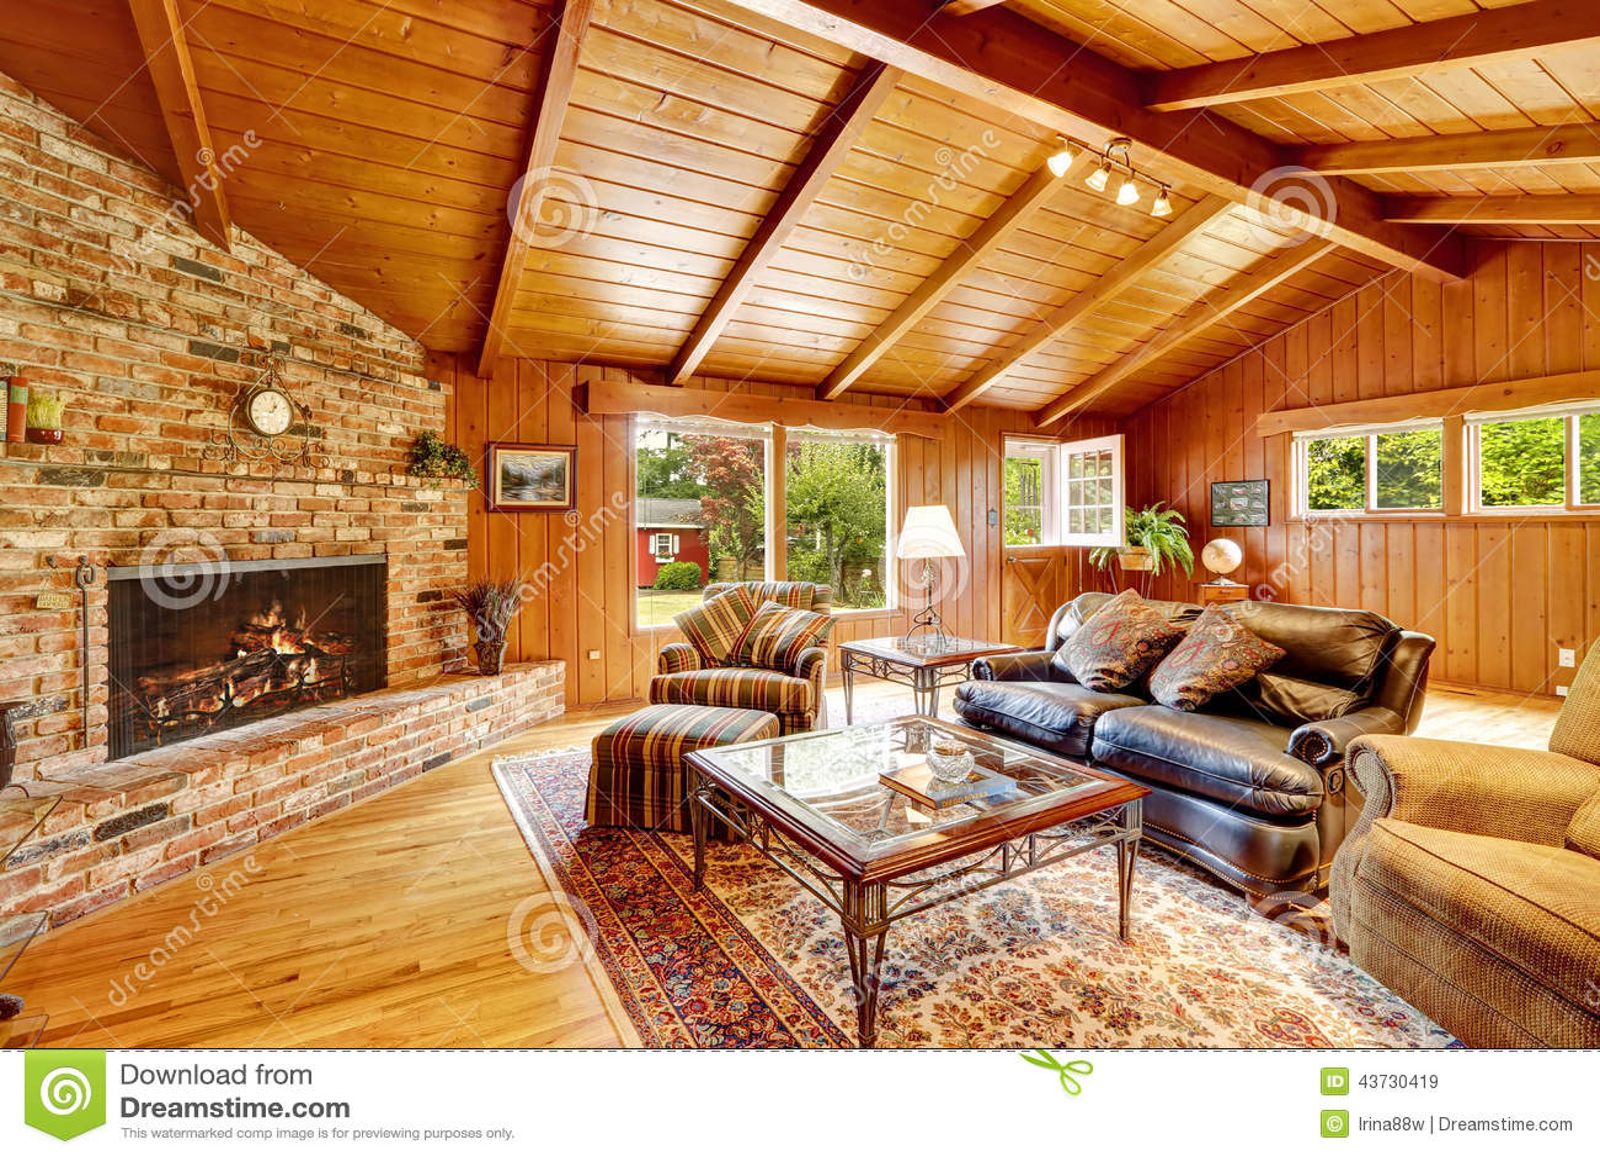 Interior de lujo de la casa de la caba a de madera sala de estar con la chimenea y imagen de - Interior casas de madera ...